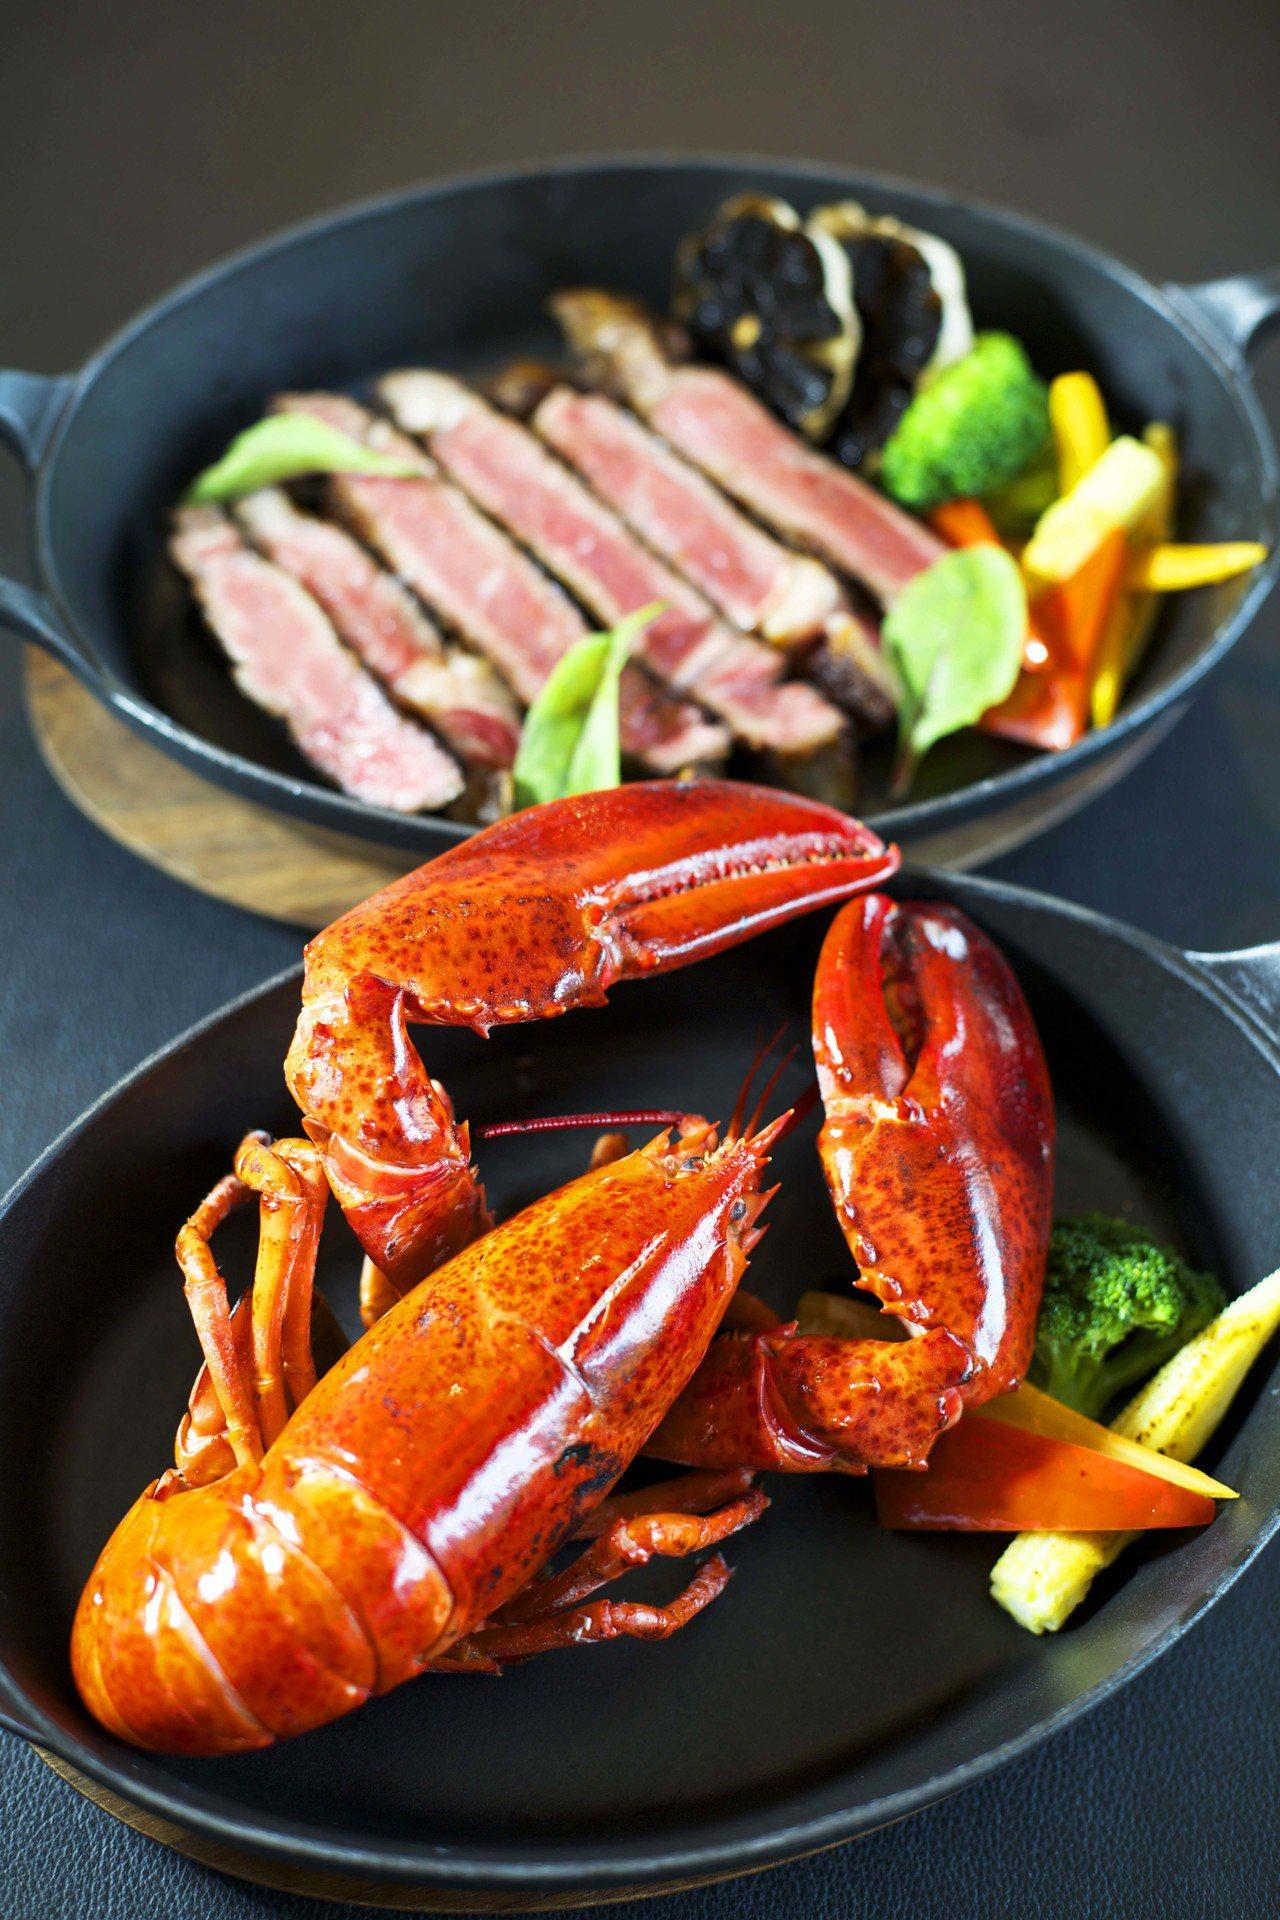 誠品行旅頂級牛排龍蝦海陸大餐。圖/誠品行旅提供